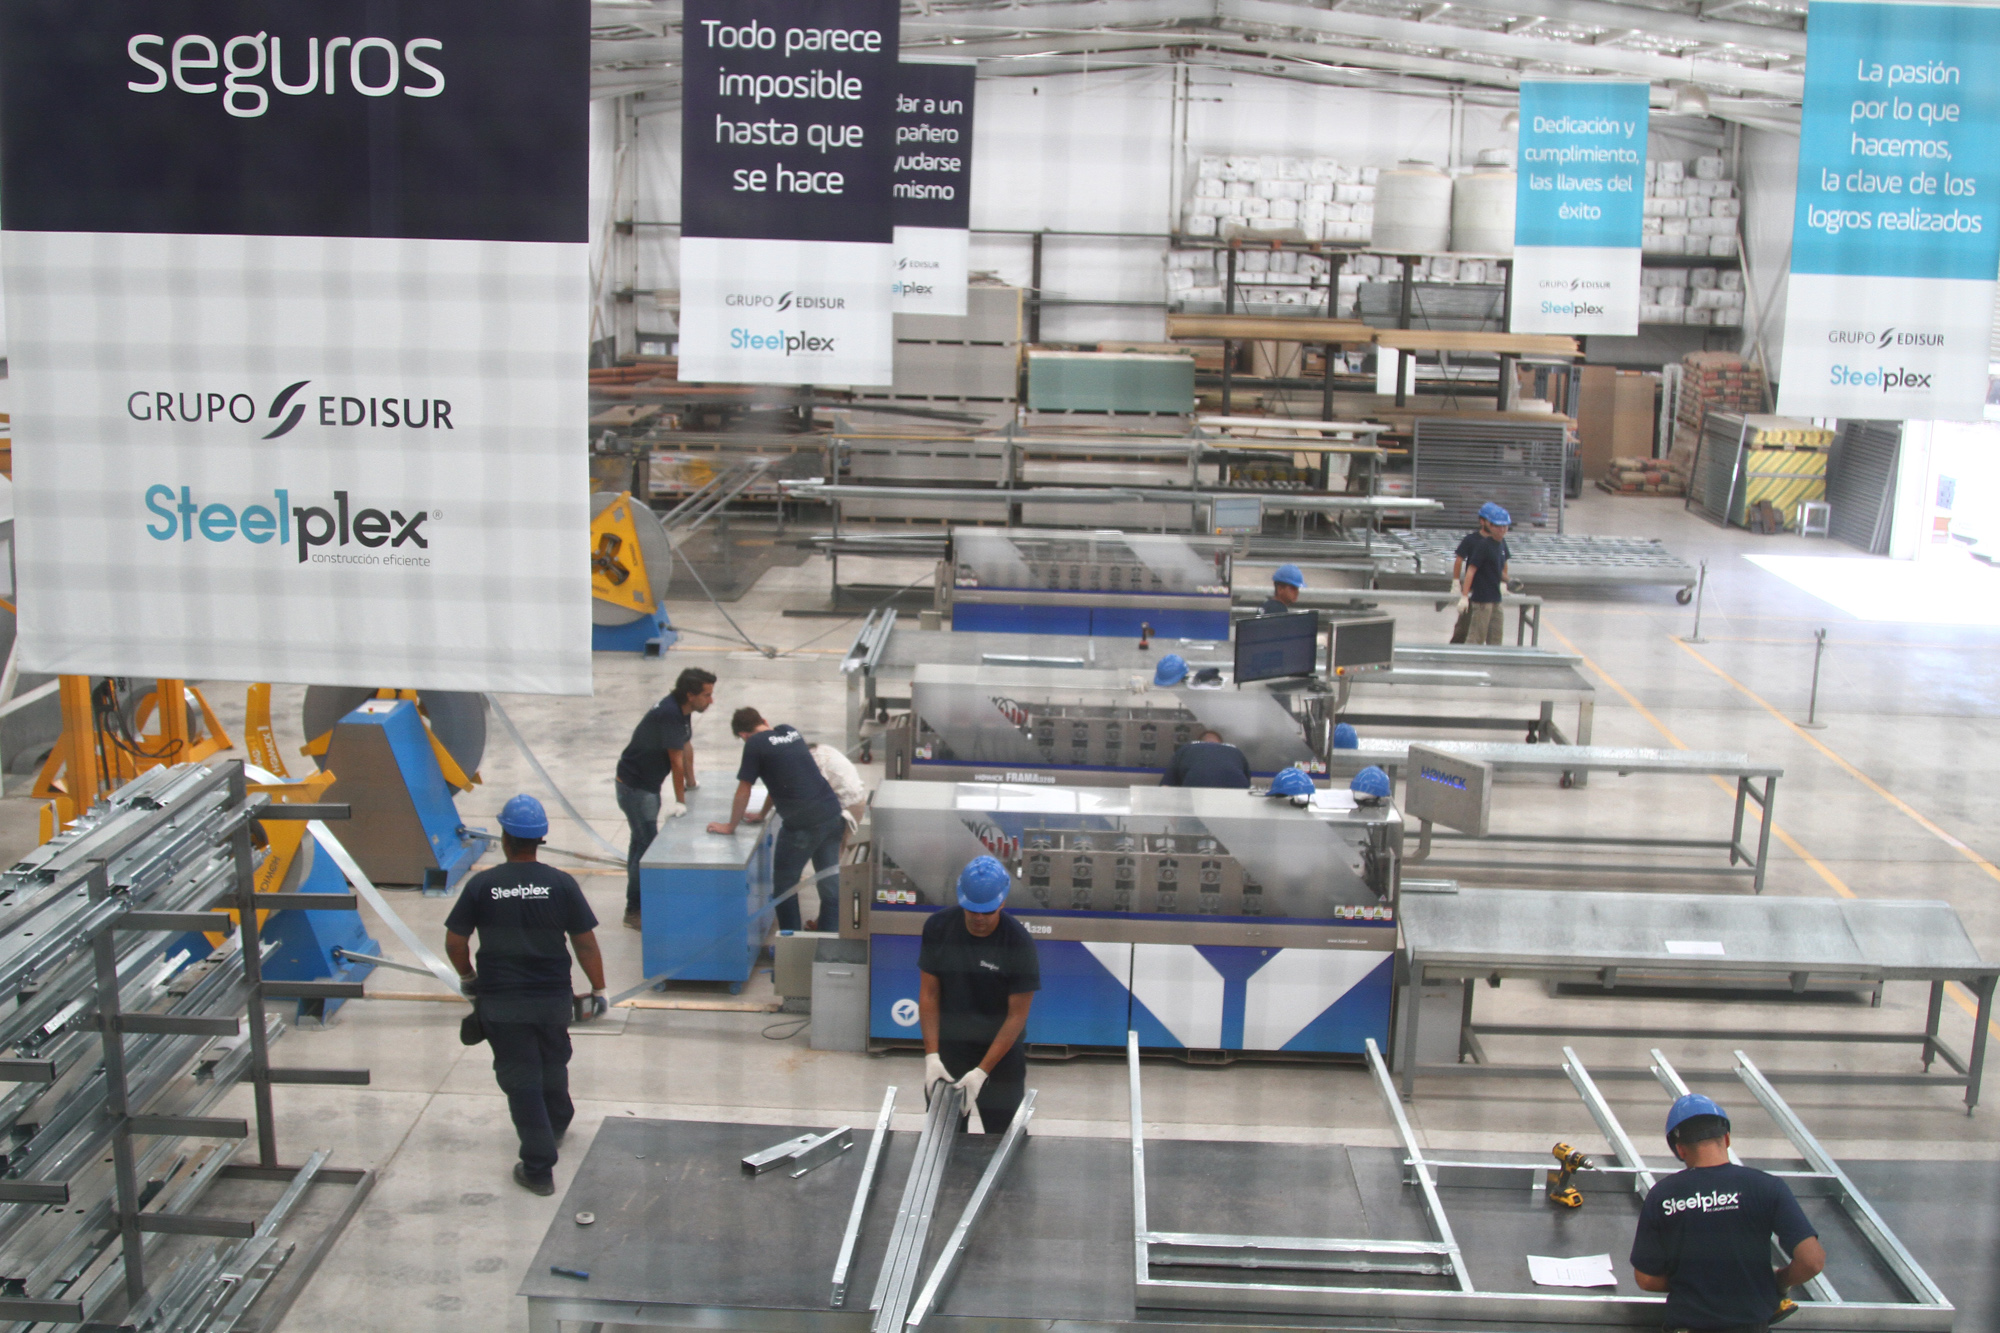 Vista aérea de la fábrica Steelplex | Foto: Grupo Edisur.